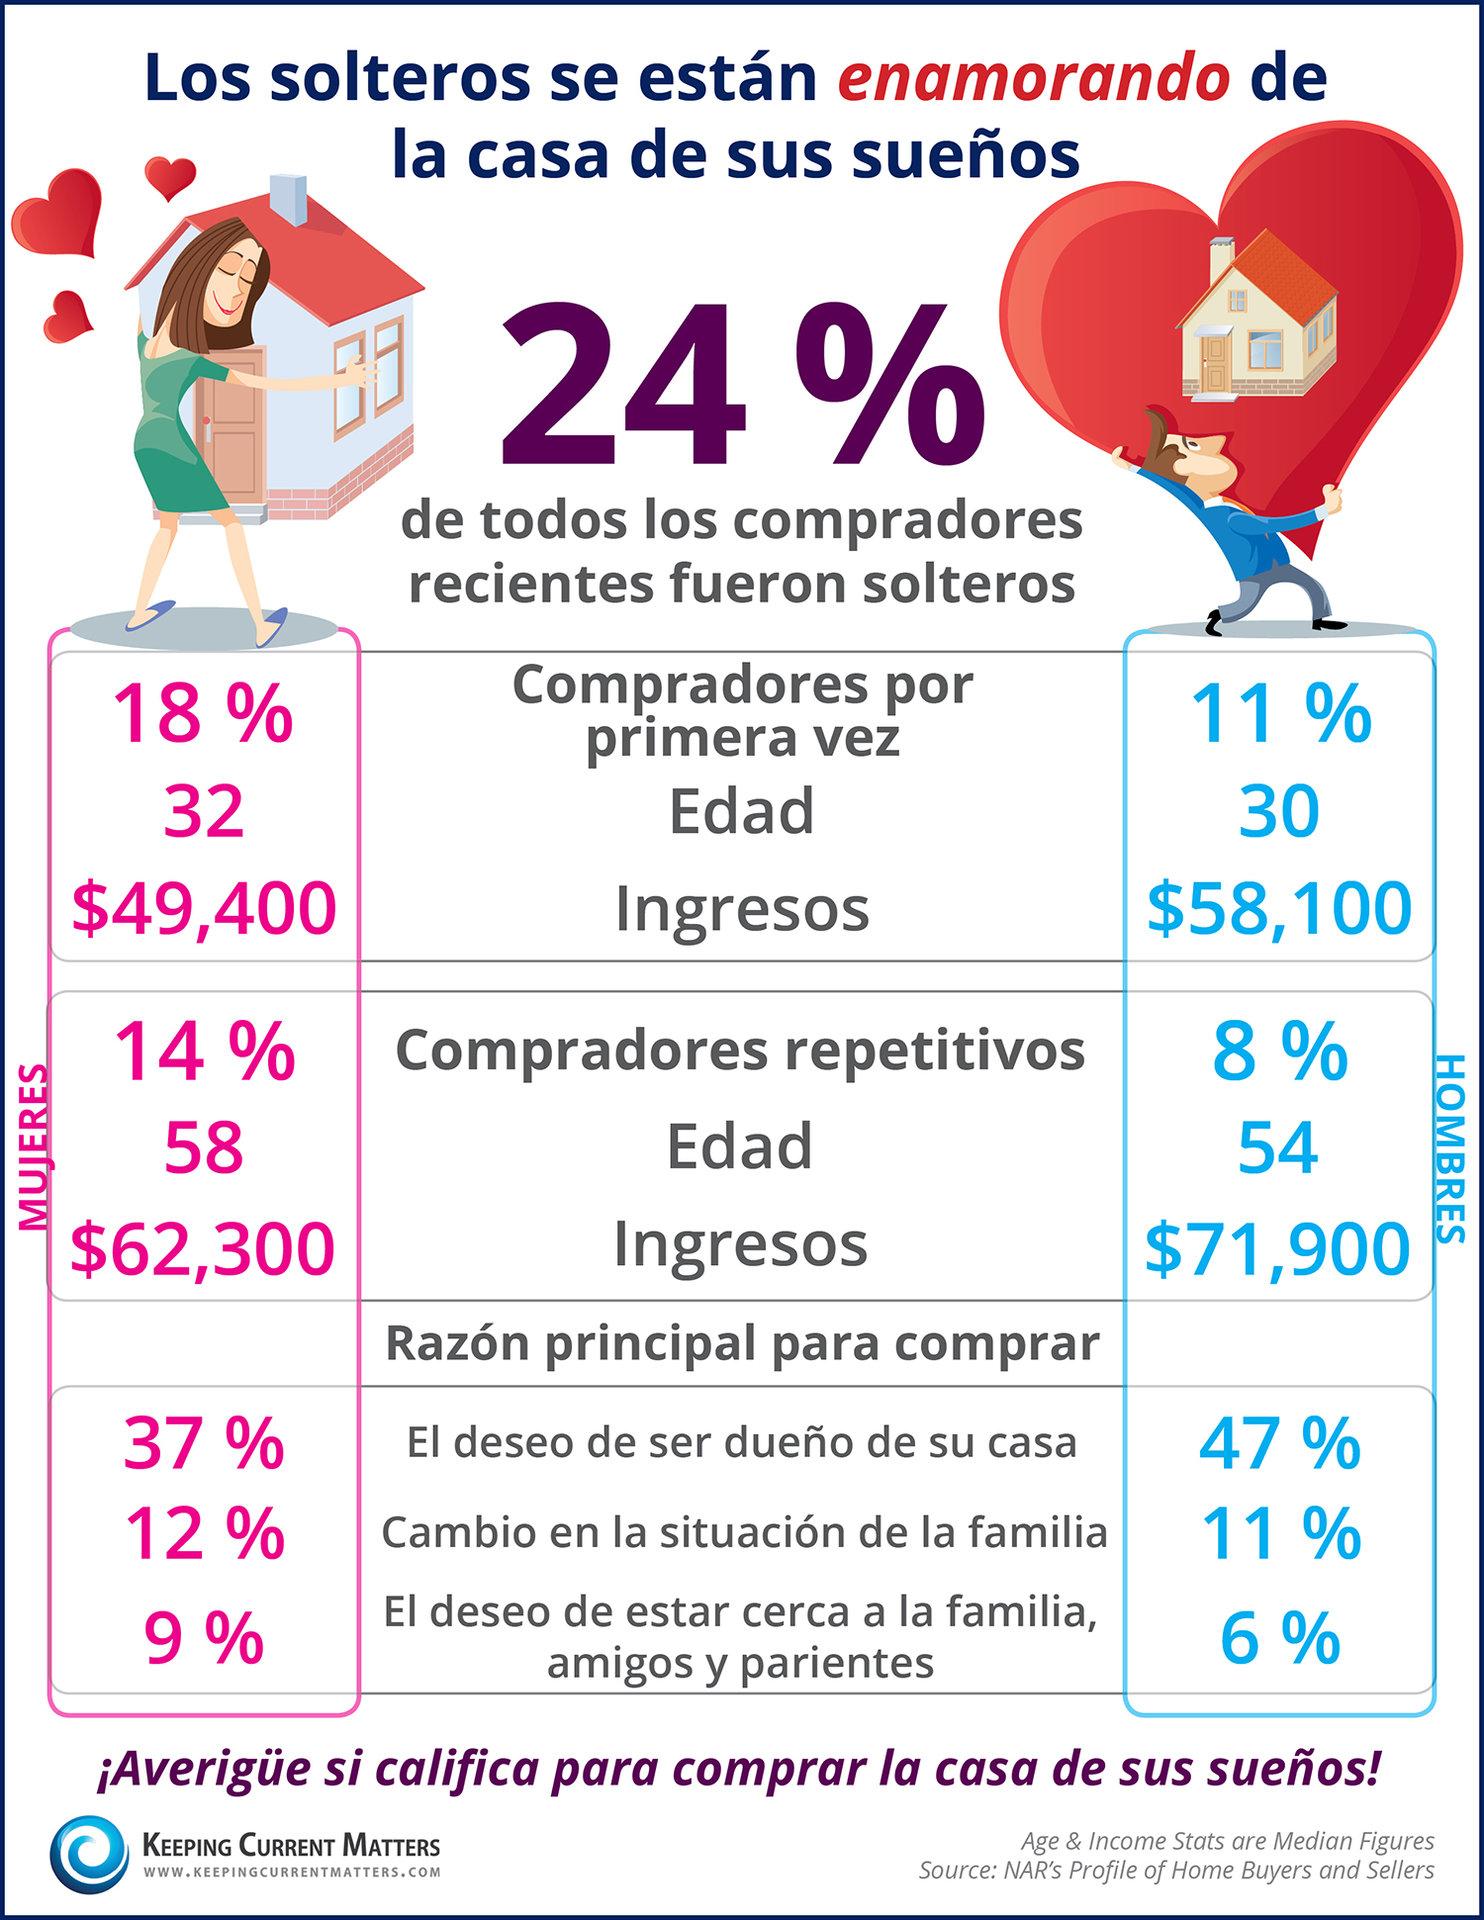 Más y más solteros se están enamorando de la casa de sus sueños [infografía] | Keeping Current Matters